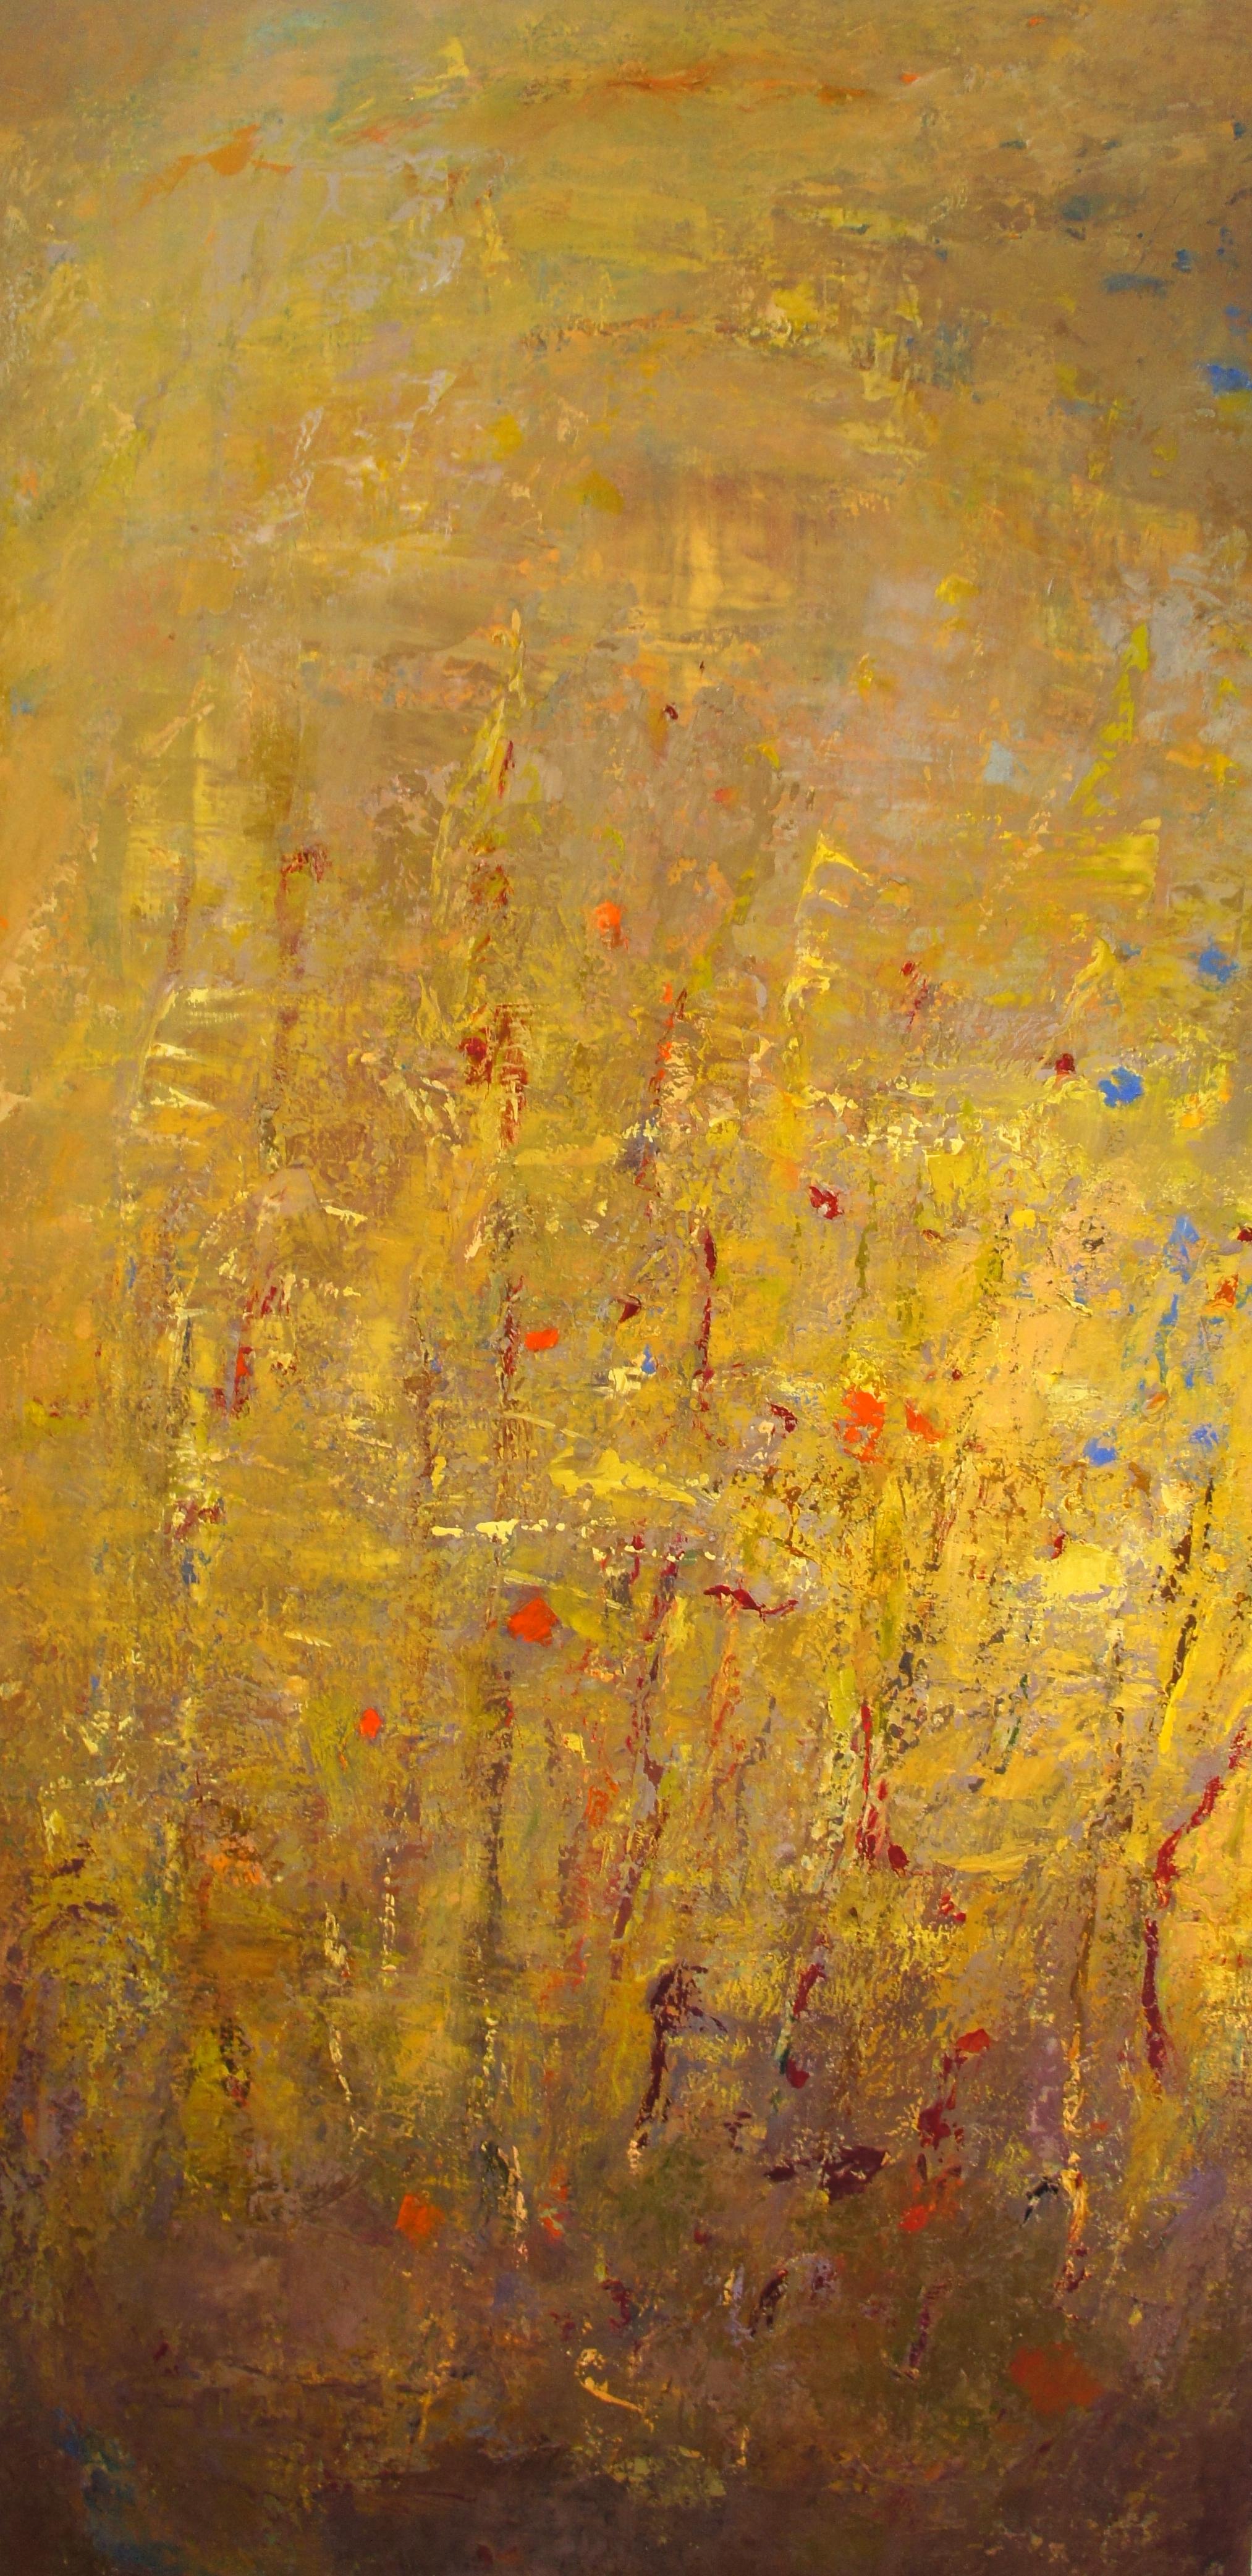 Across Times 2013, Oil on Linen (52 x 26 inch)